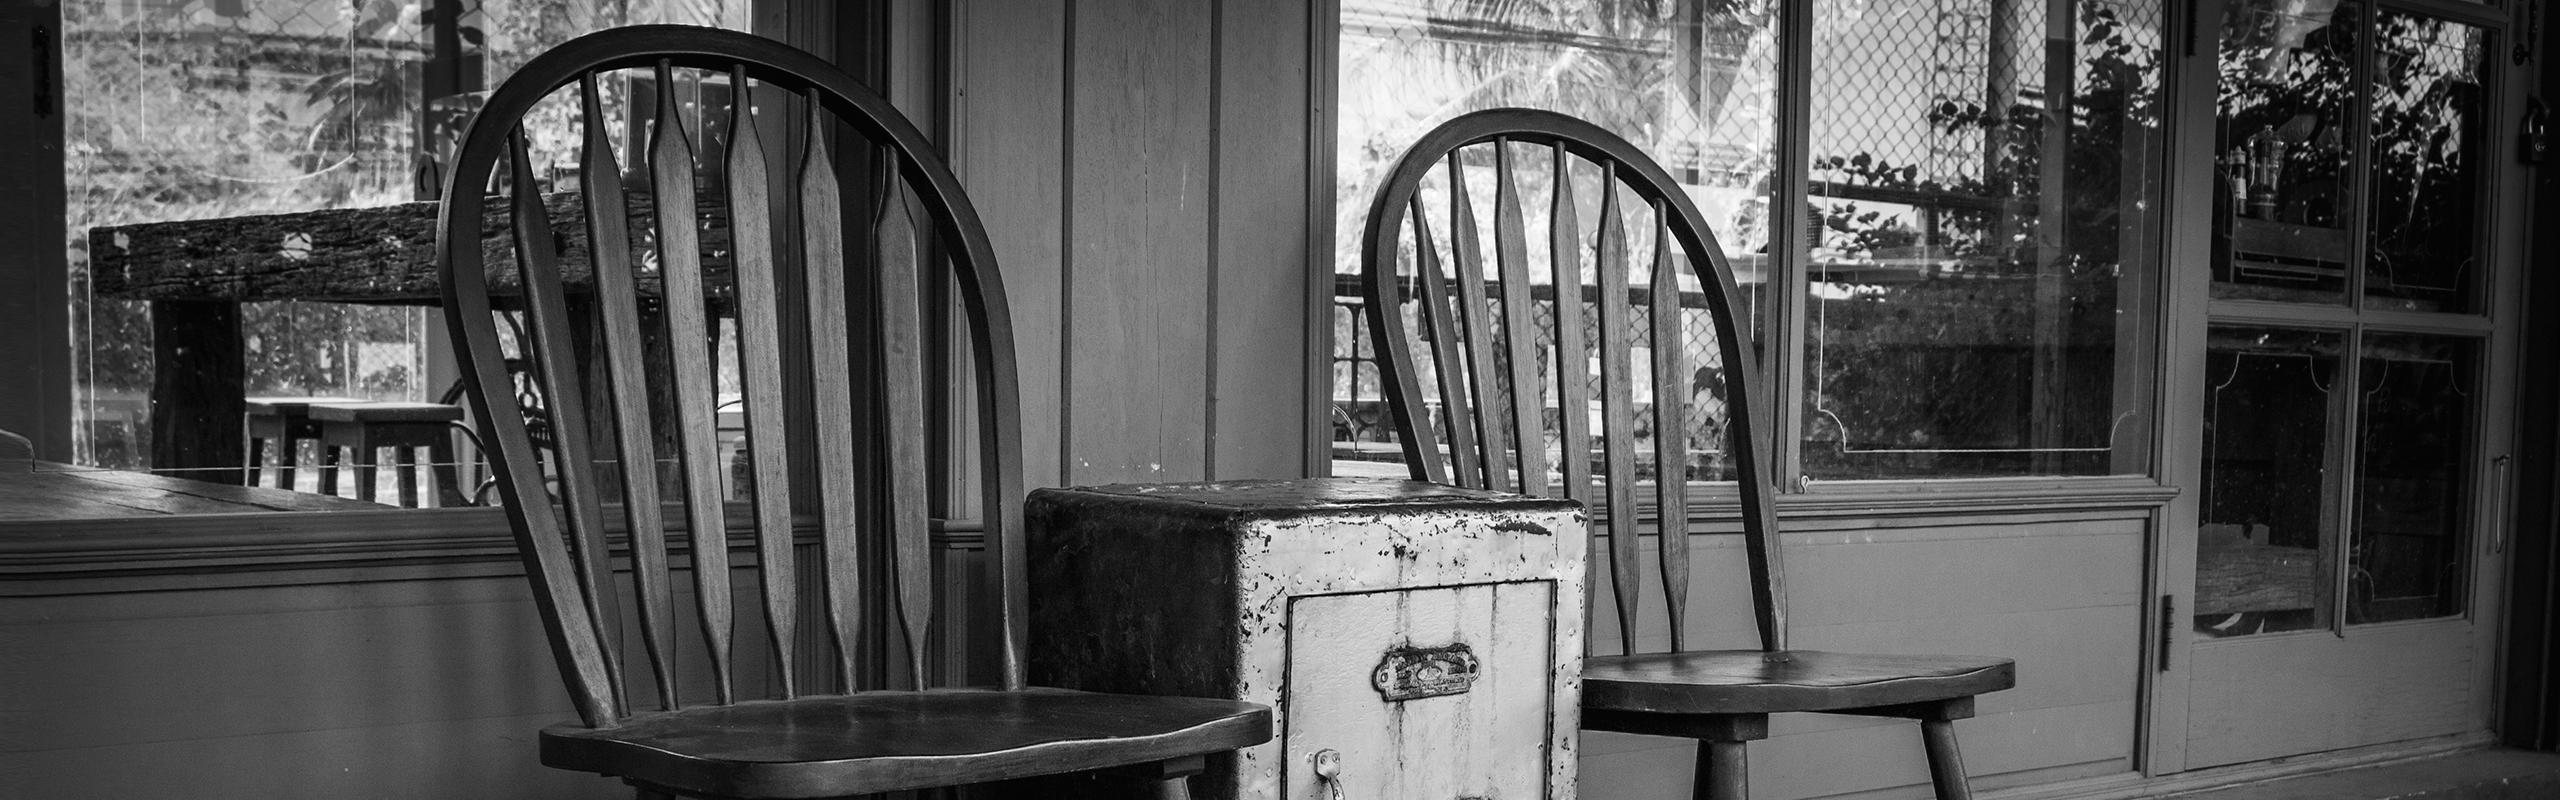 06-chaises-objets-decors-artistiques-detoutpourtout-terrebonne